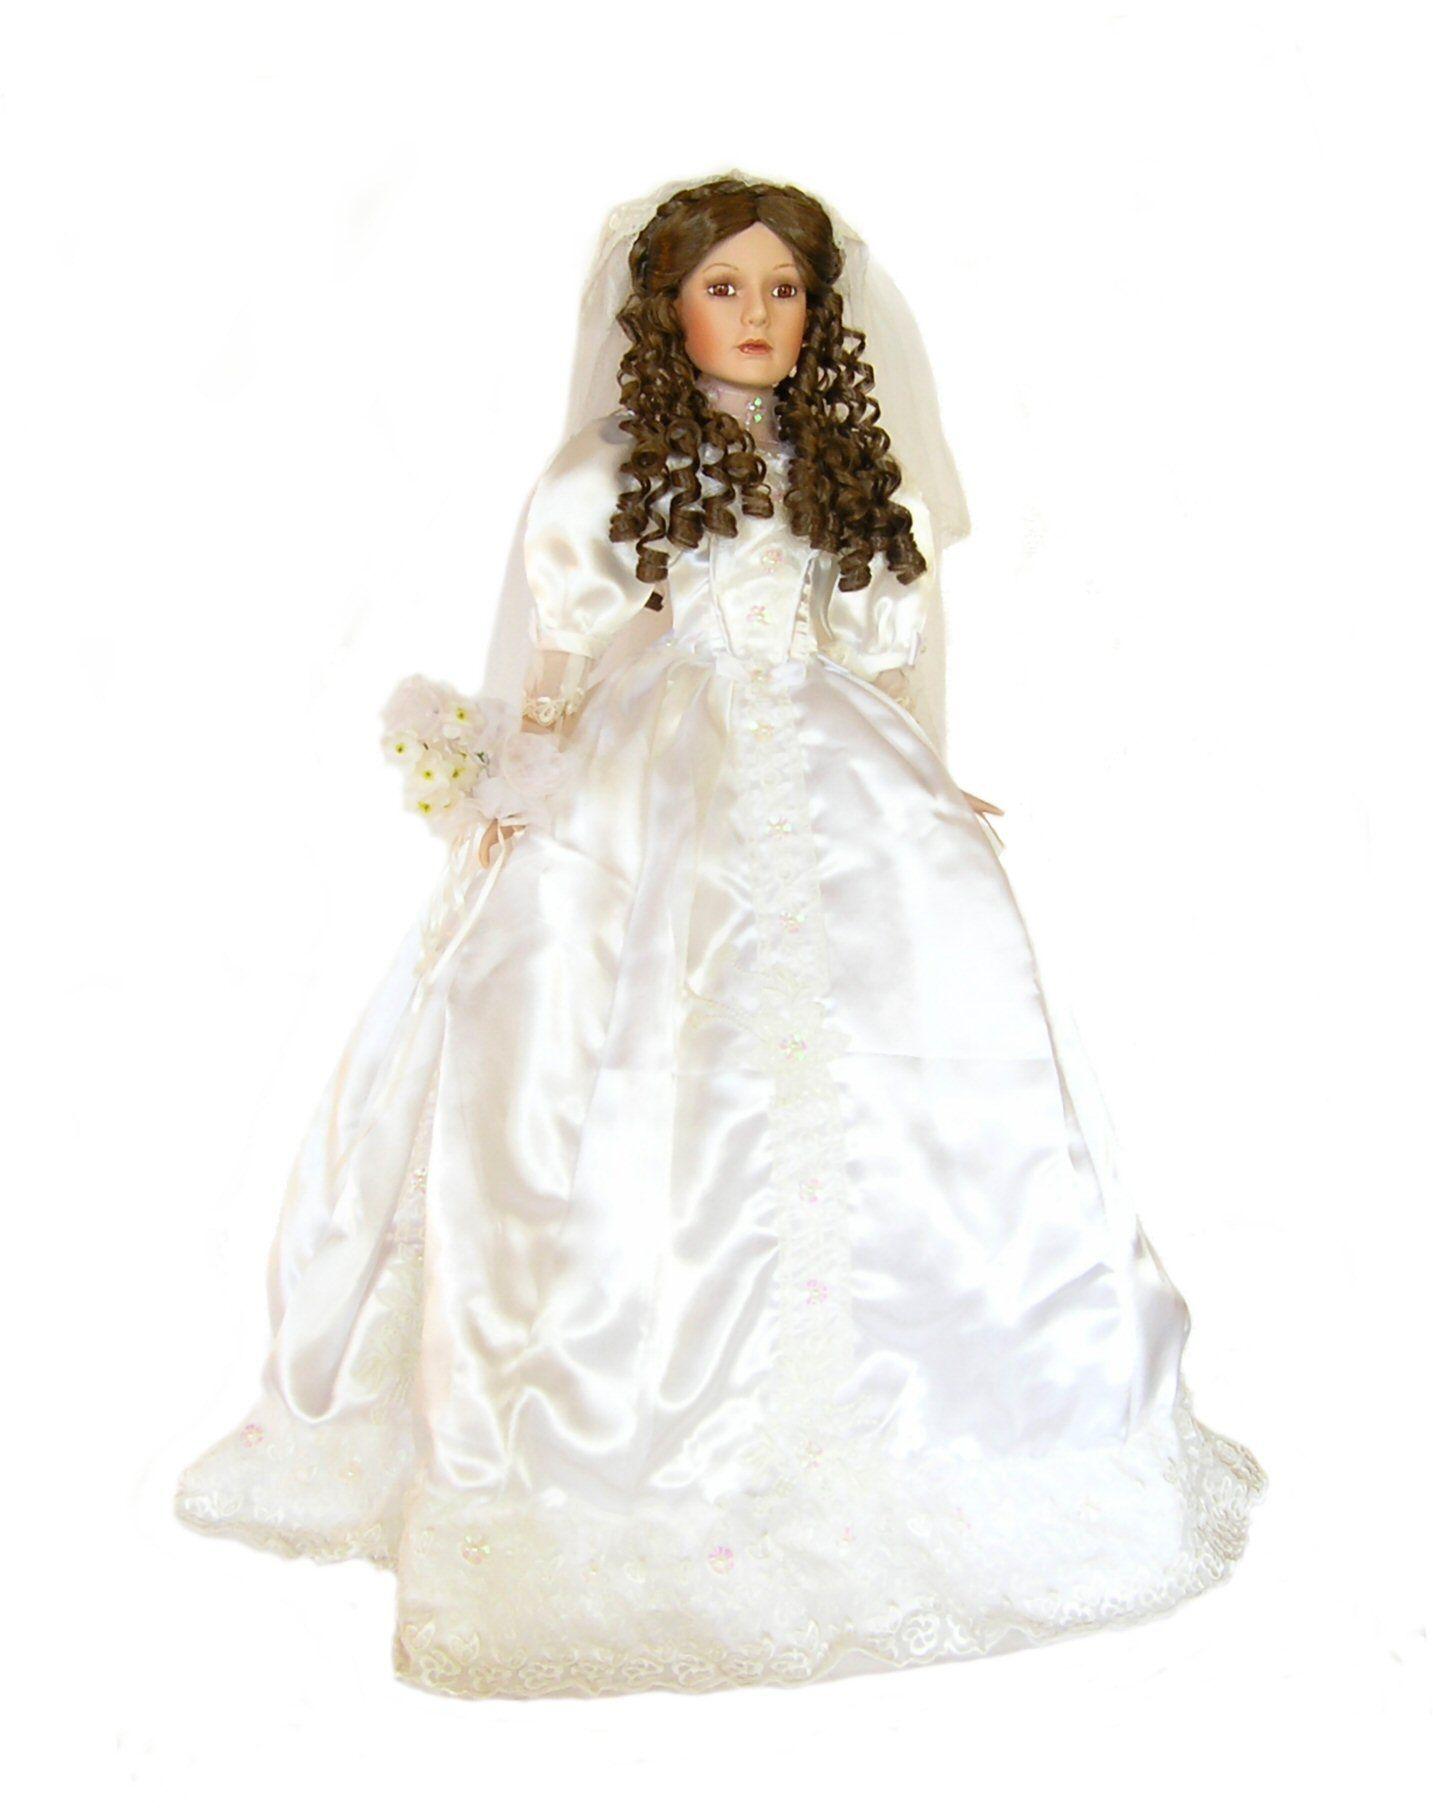 Bride Porcelain Doll-Beautiful Porcelain Bride Doll-unique Doll ...